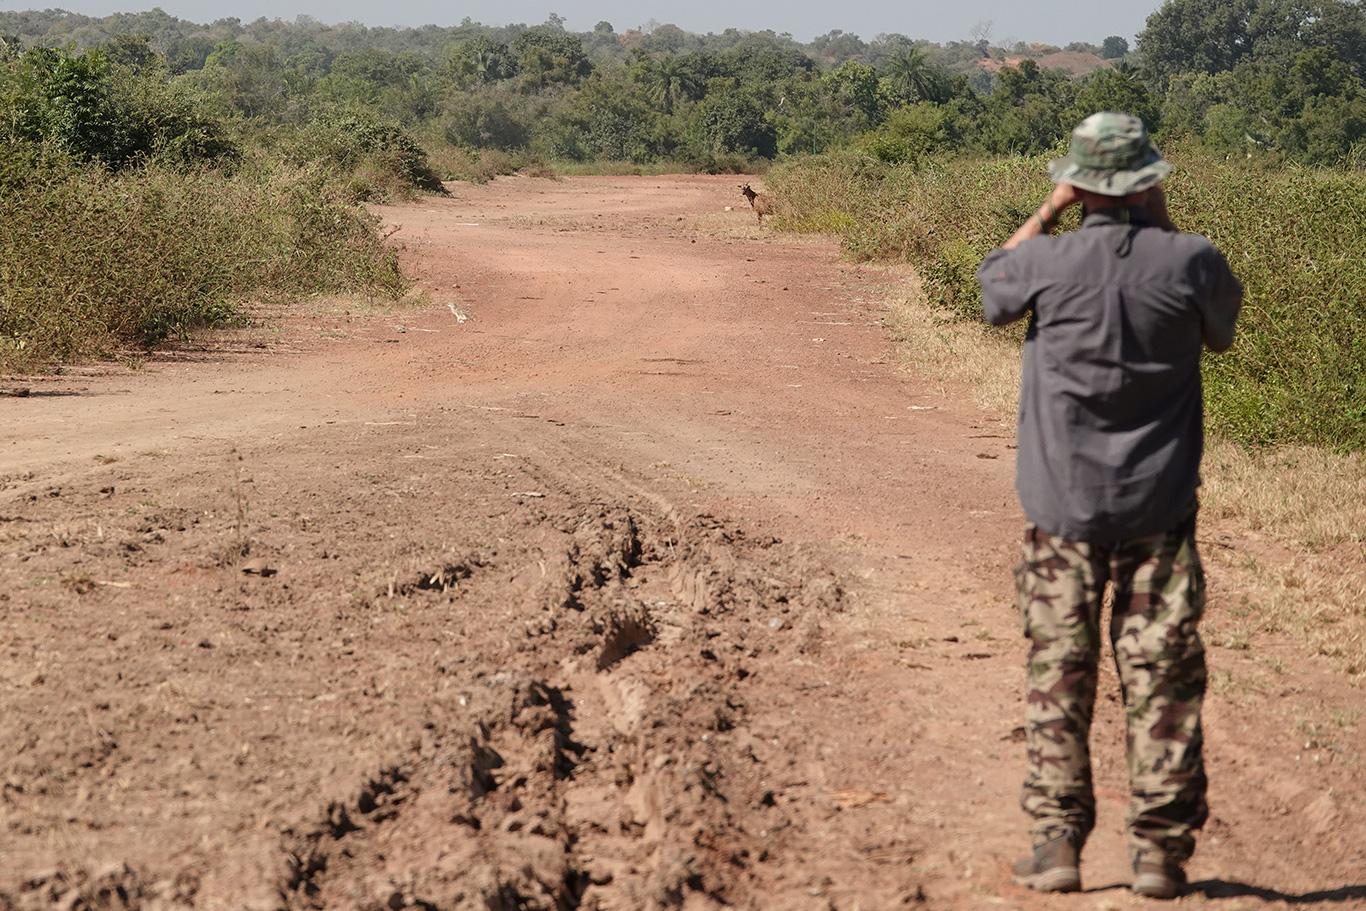 Birding at Kampant, Kampant, The Gambia.